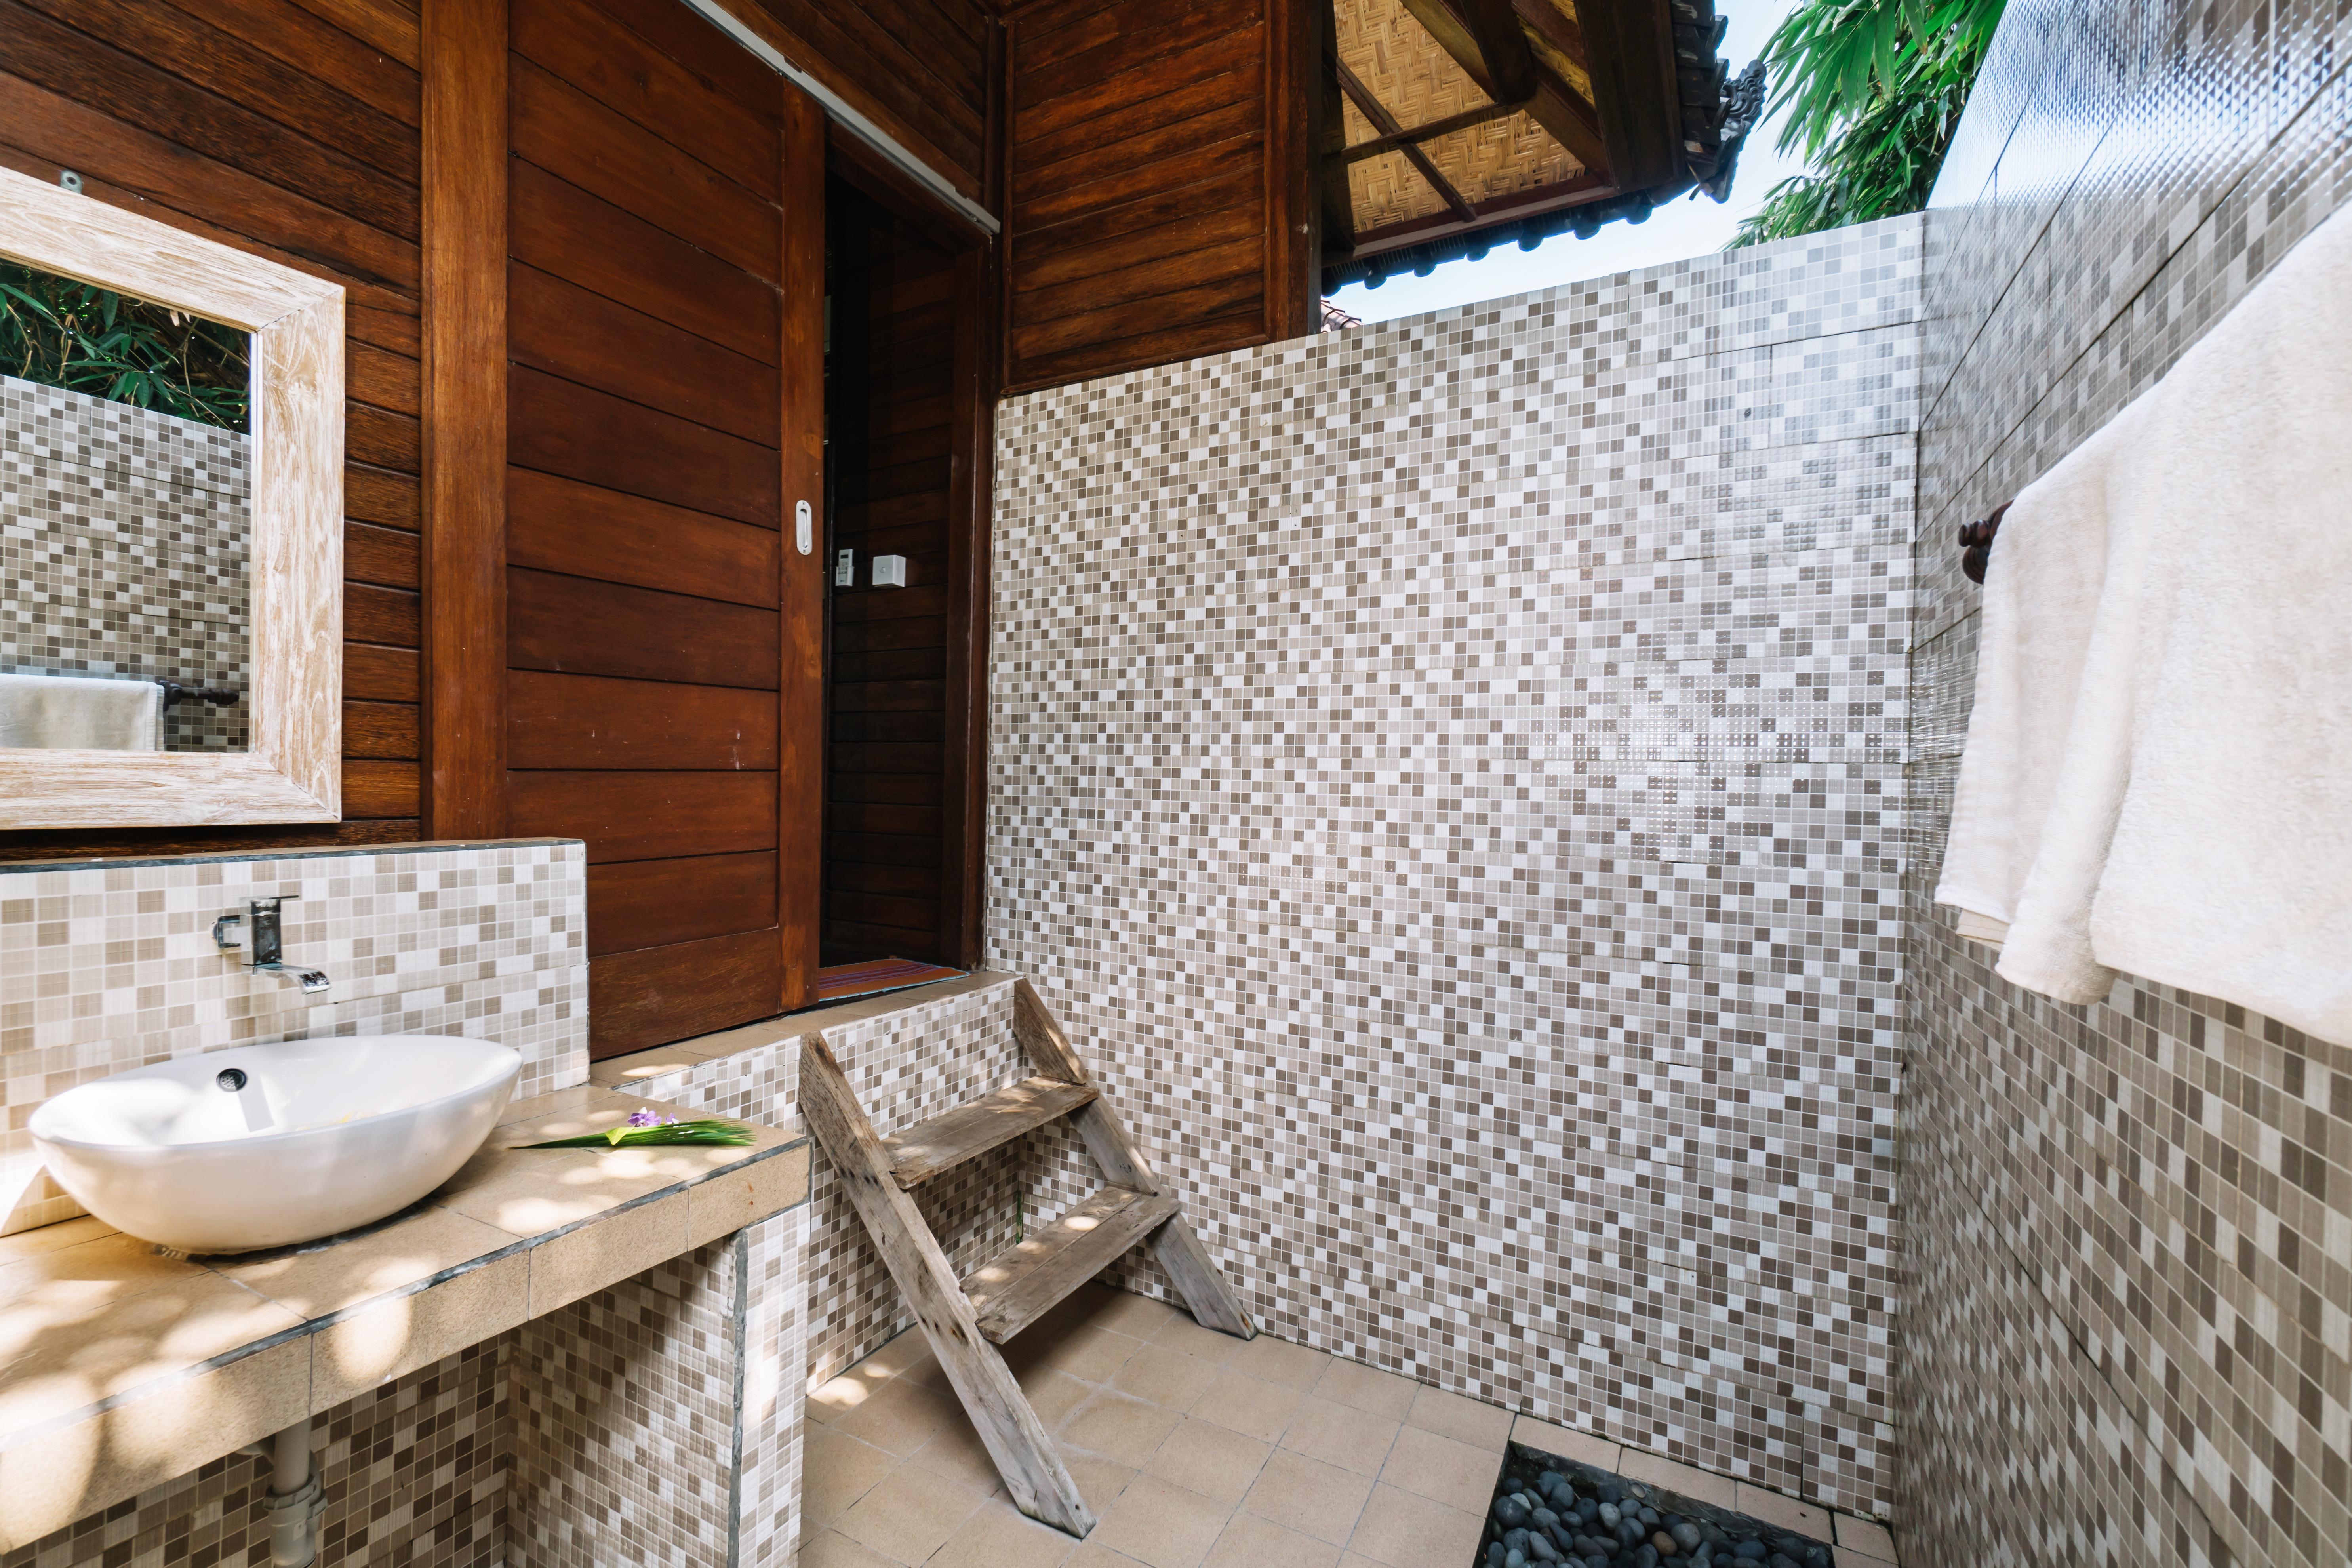 The Cozy Villa Bathroom (1)